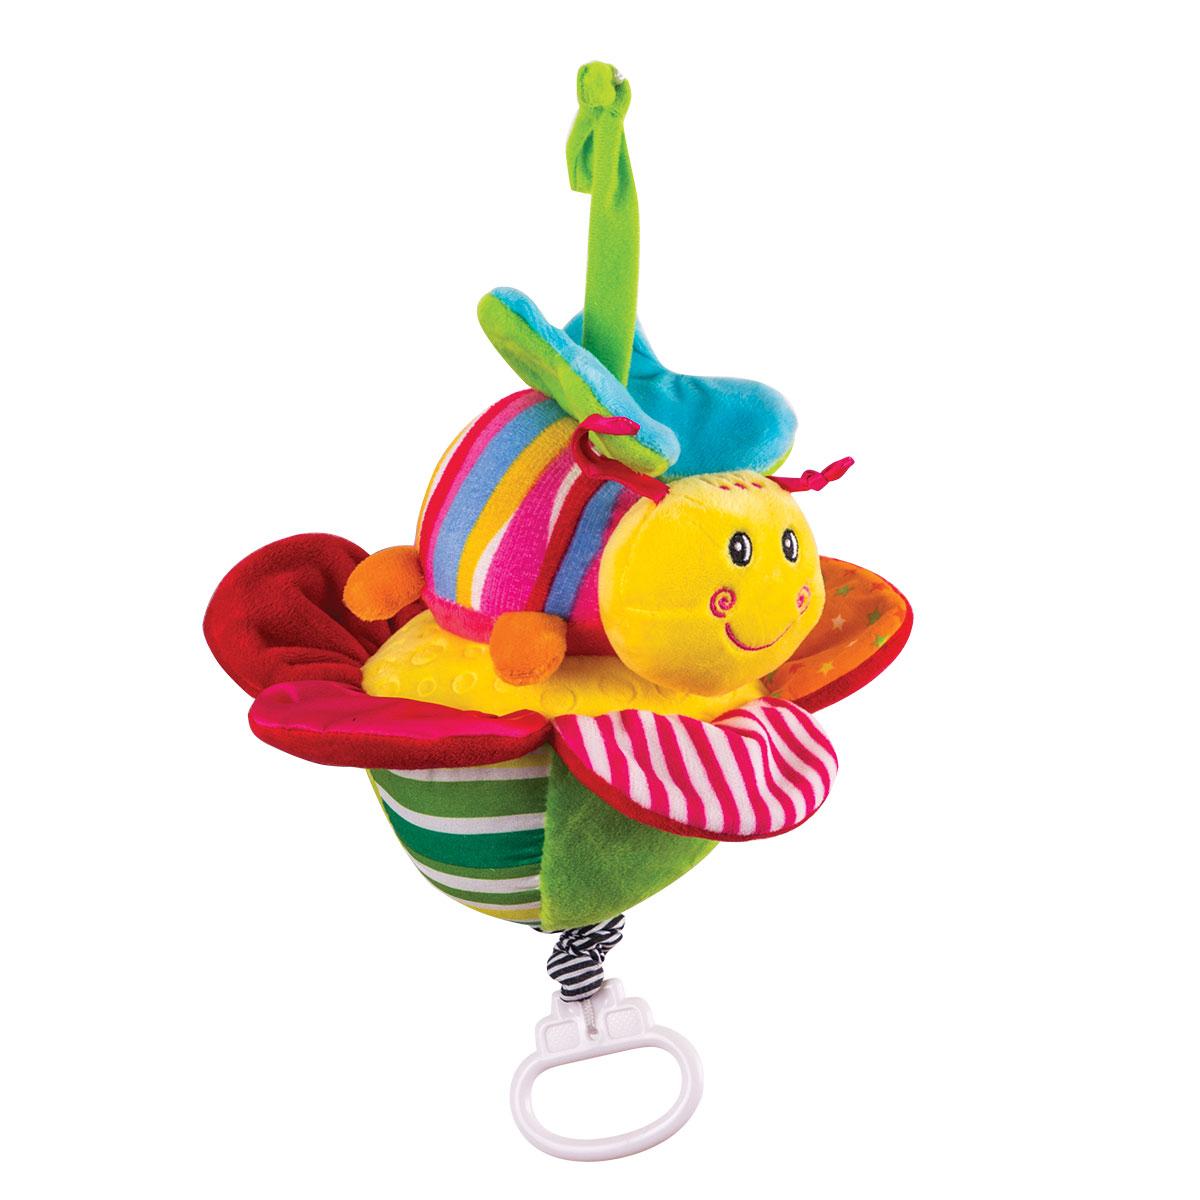 Happy Snail Музыкальный мобиль Весна - Игрушки для малышей